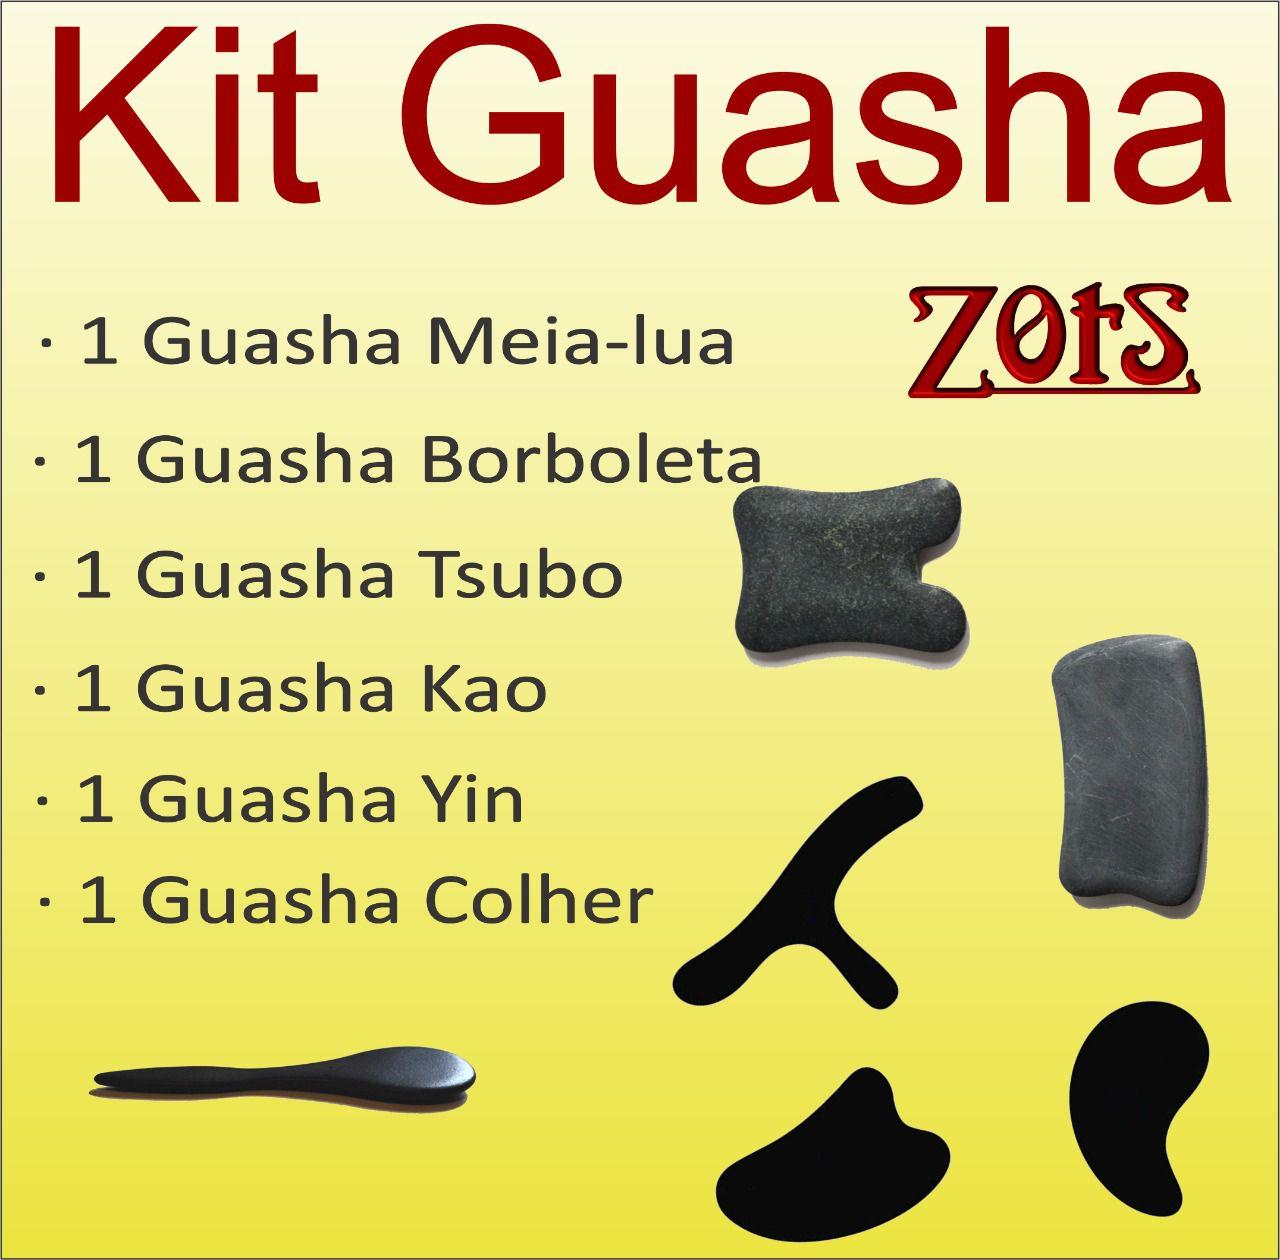 Kit Guasha